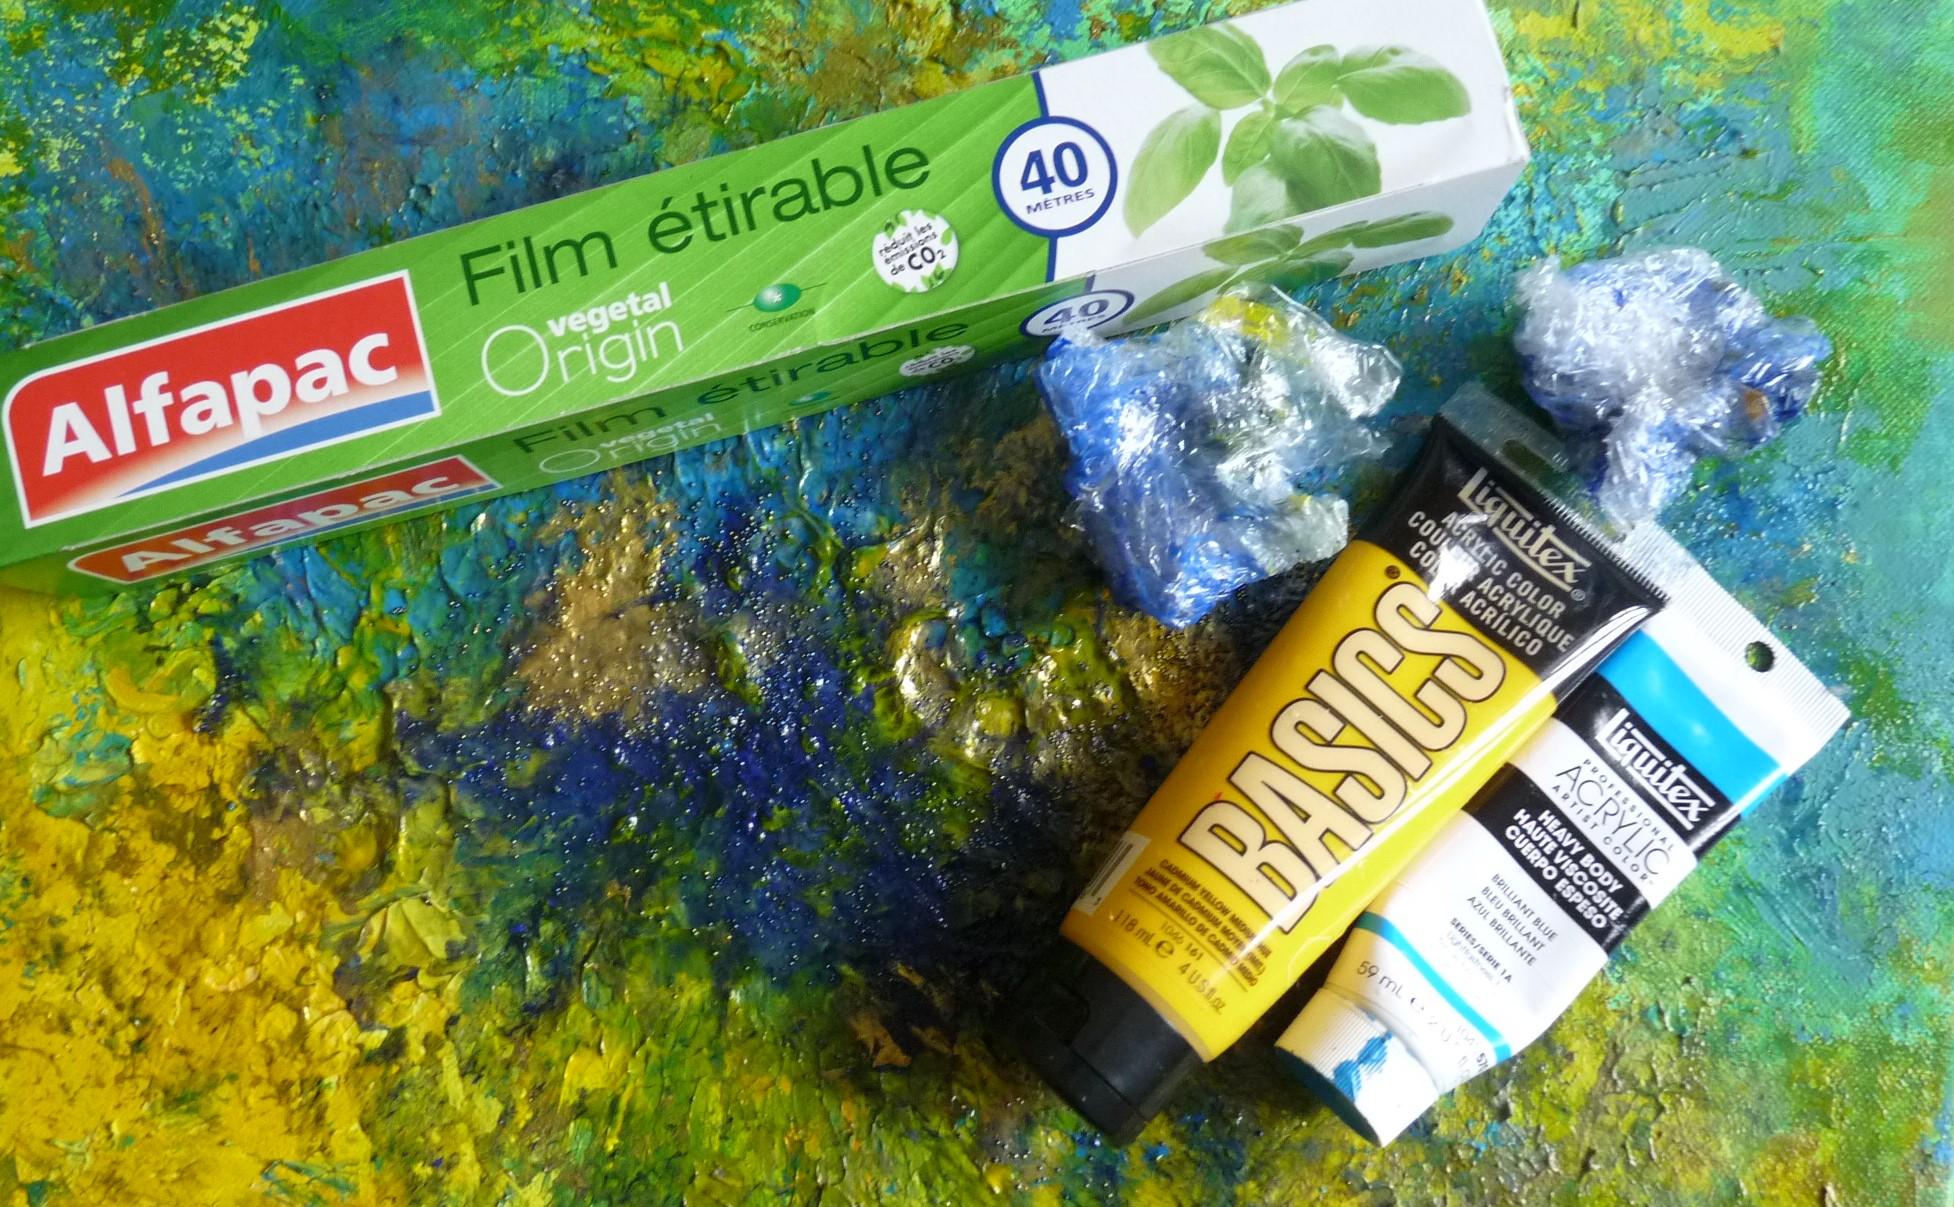 peindre avec du film étirable alfapac abstrait liquitex jaune bleu basics